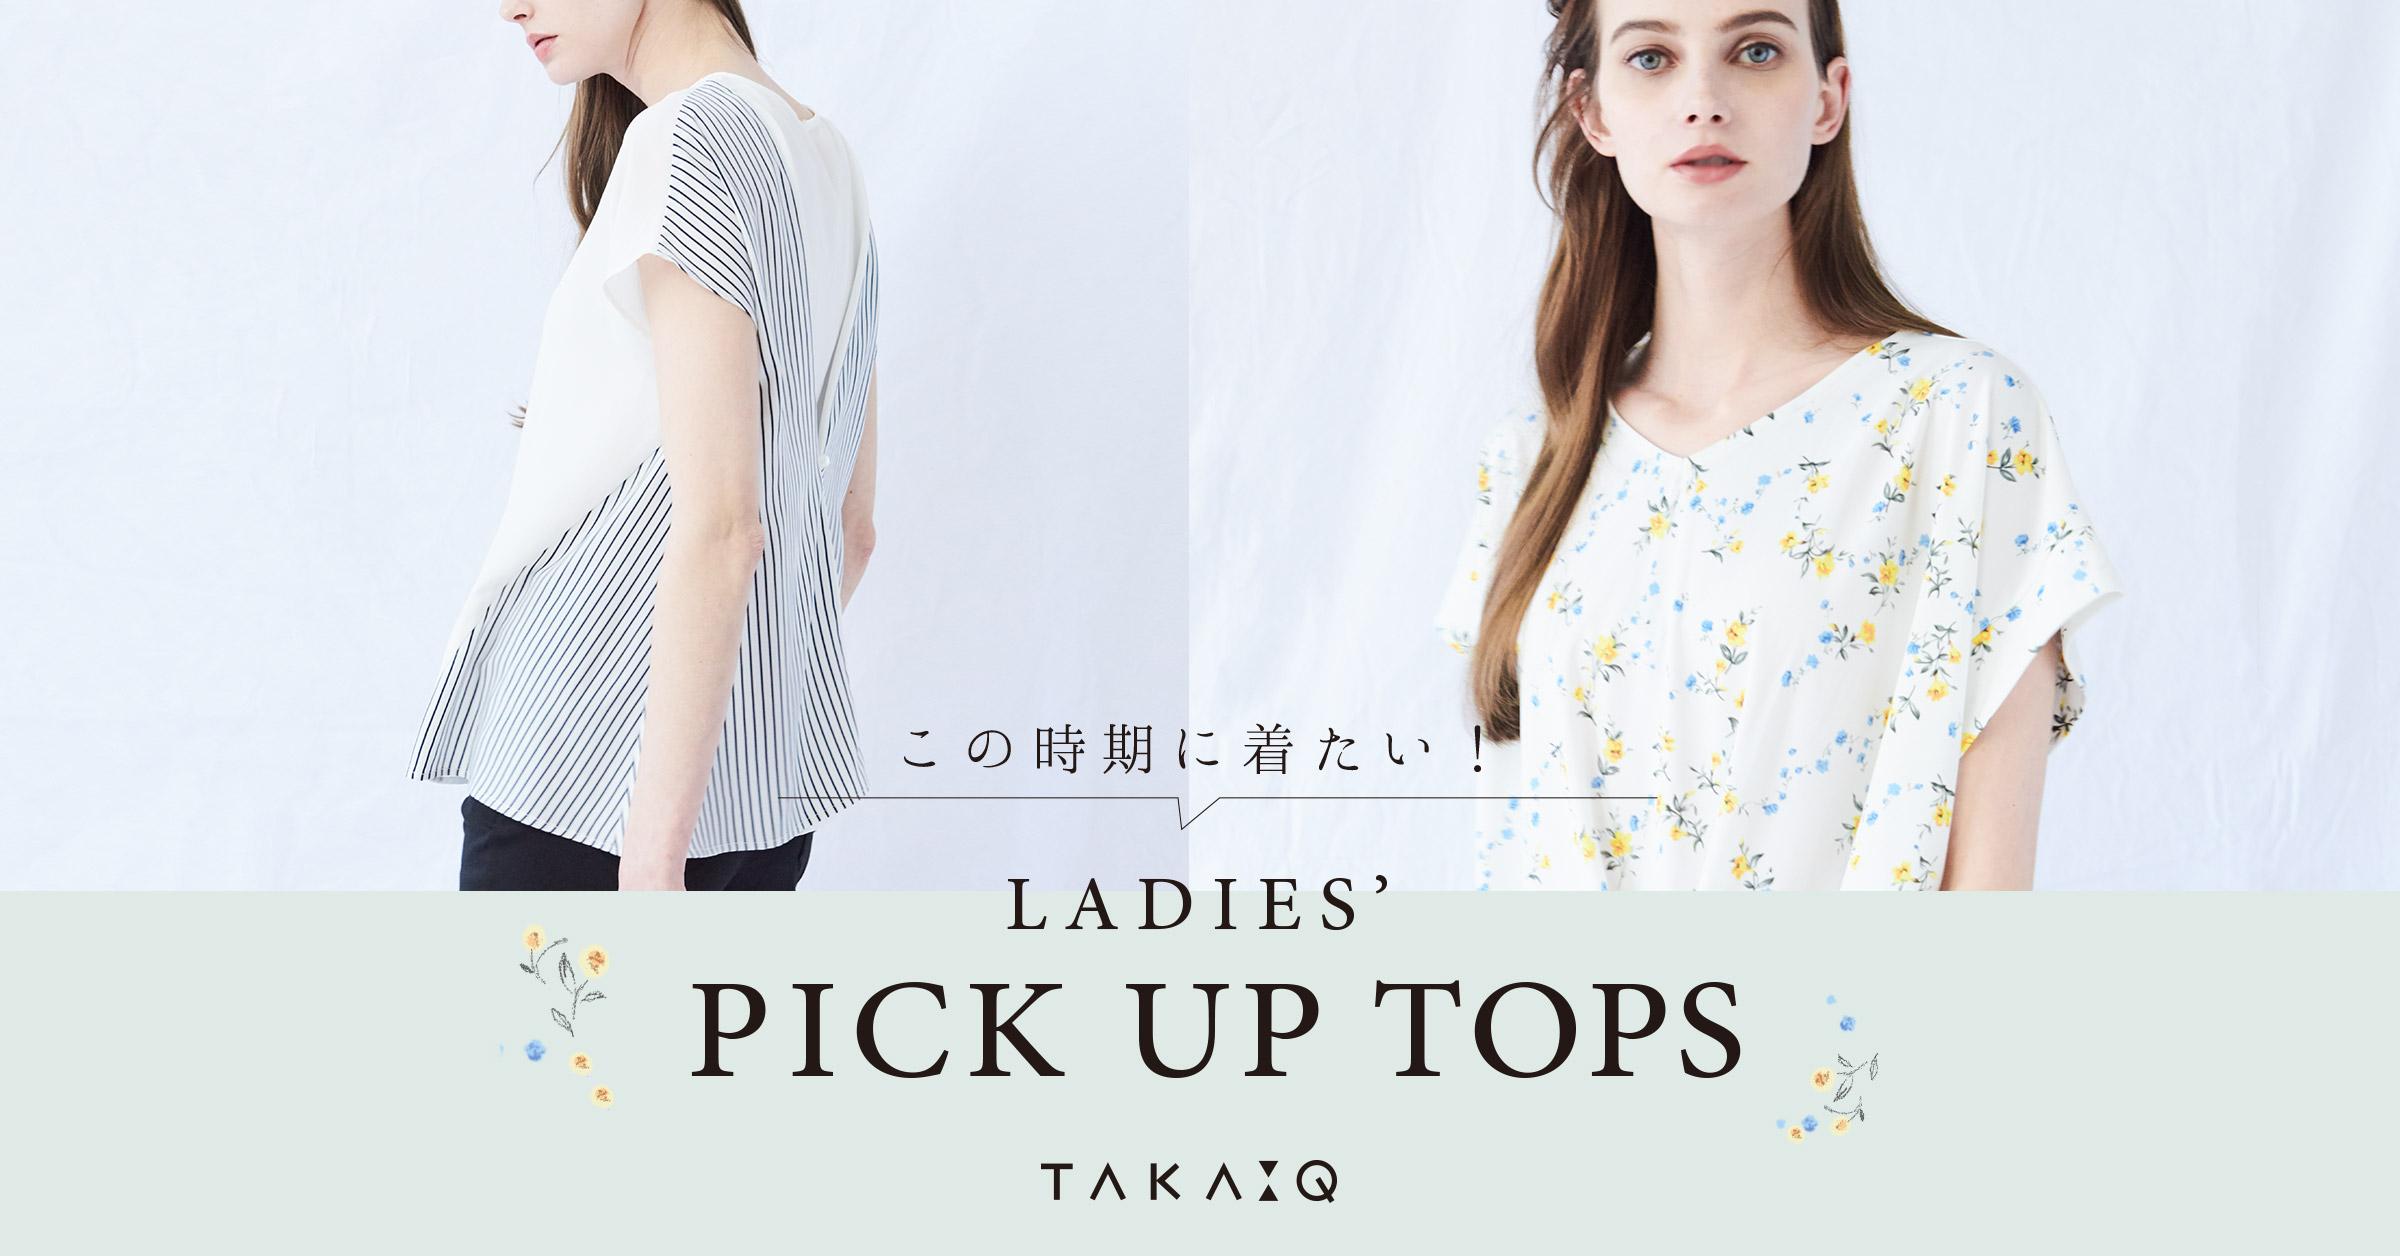 TAKA-Q Ladies' PICK UP TOPS